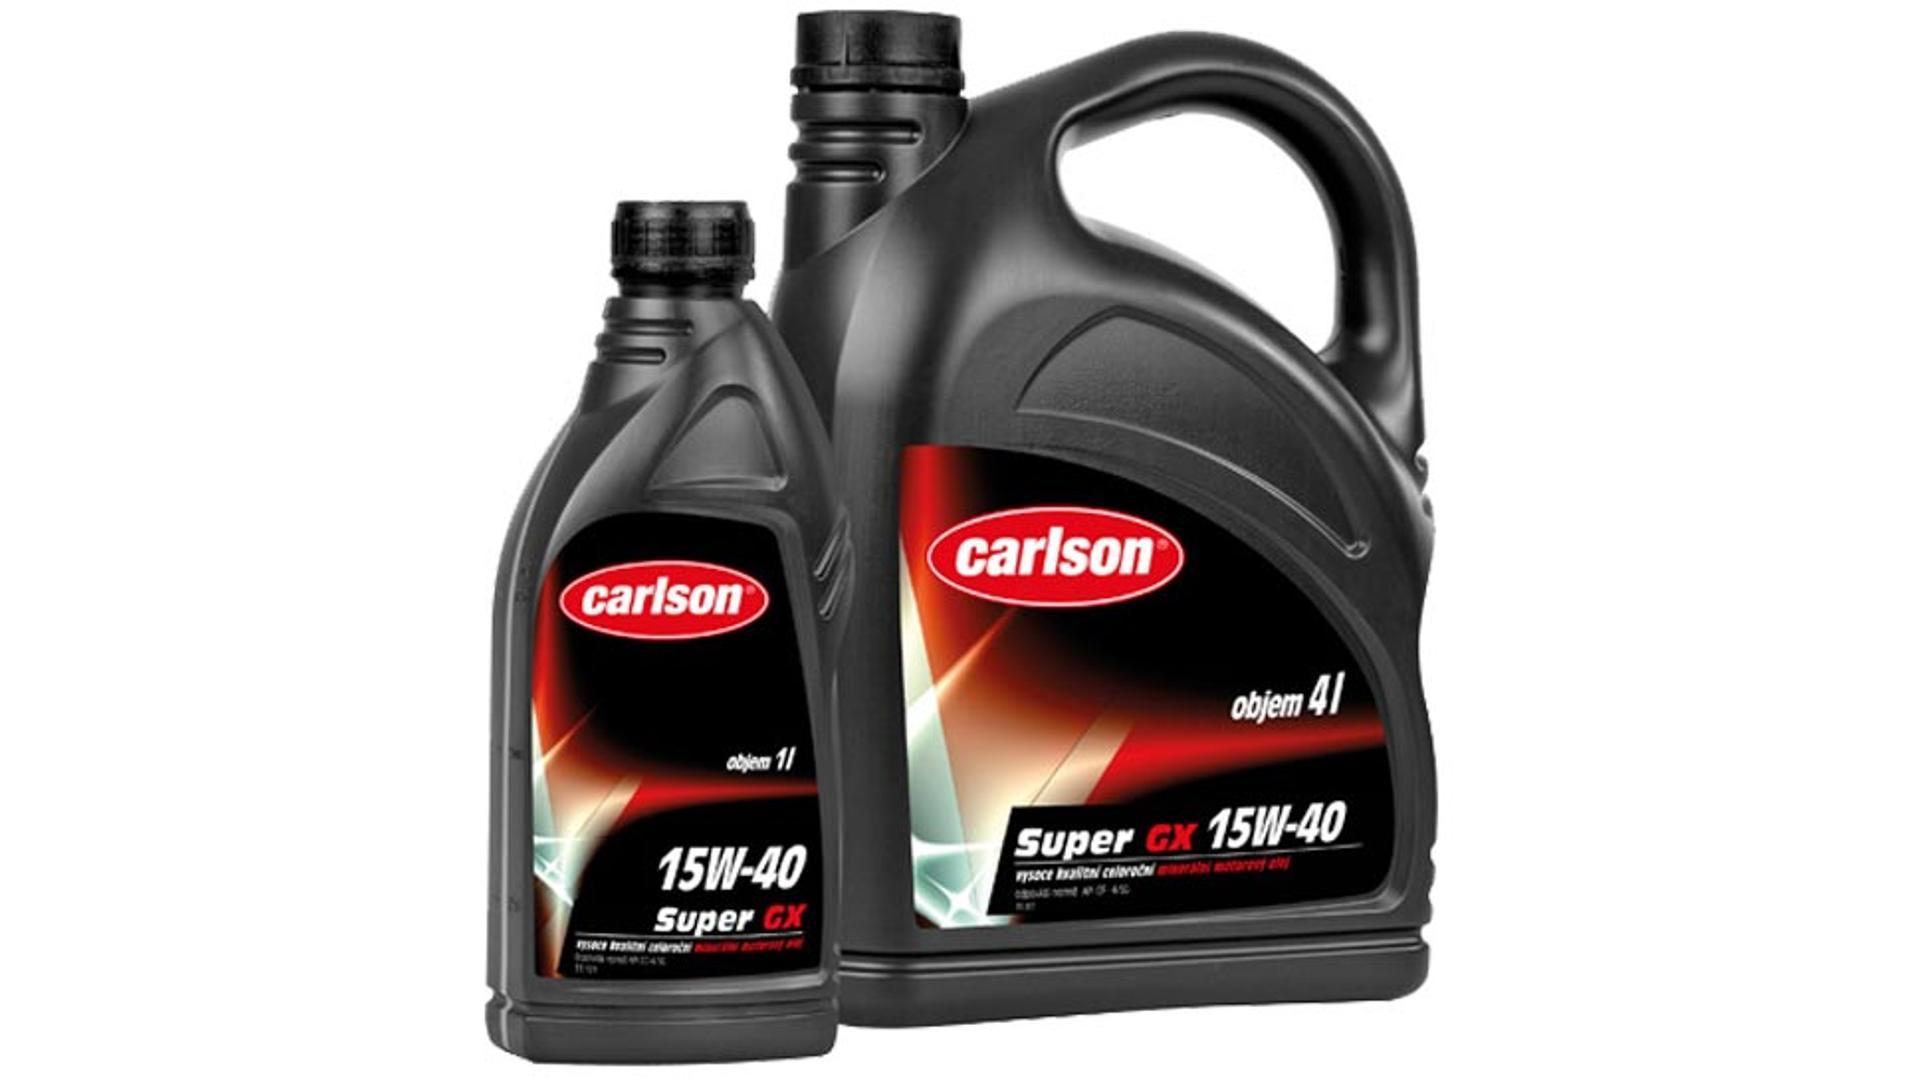 CARLSON SUPER GX SAE 15W-40 - 4L